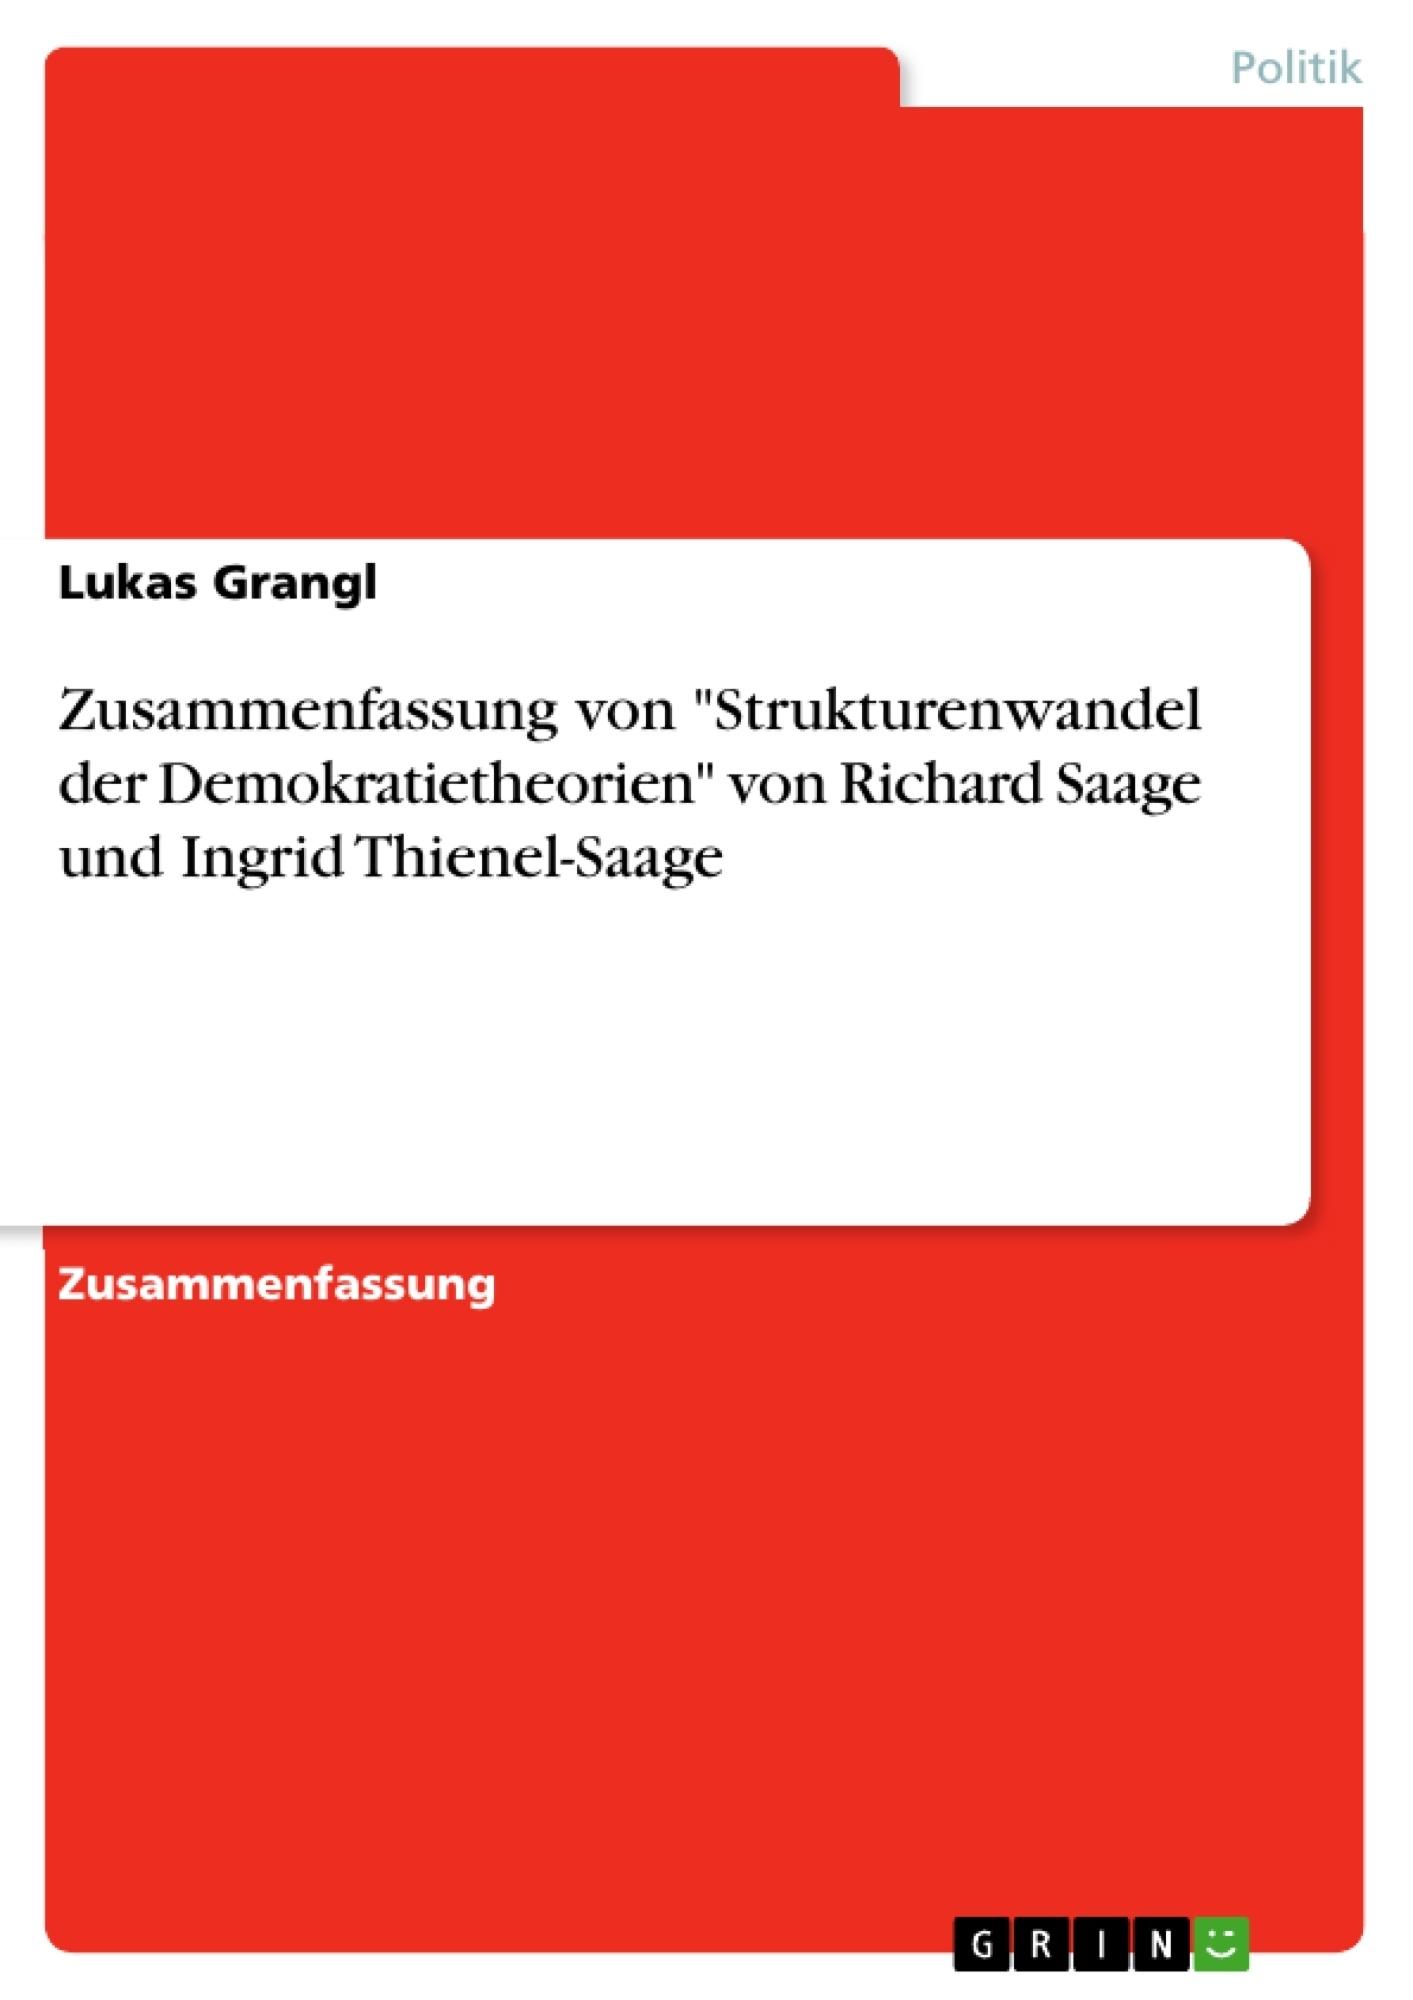 """Titel: Zusammenfassung von """"Strukturenwandel der Demokratietheorien"""" von Richard Saage und Ingrid Thienel-Saage"""